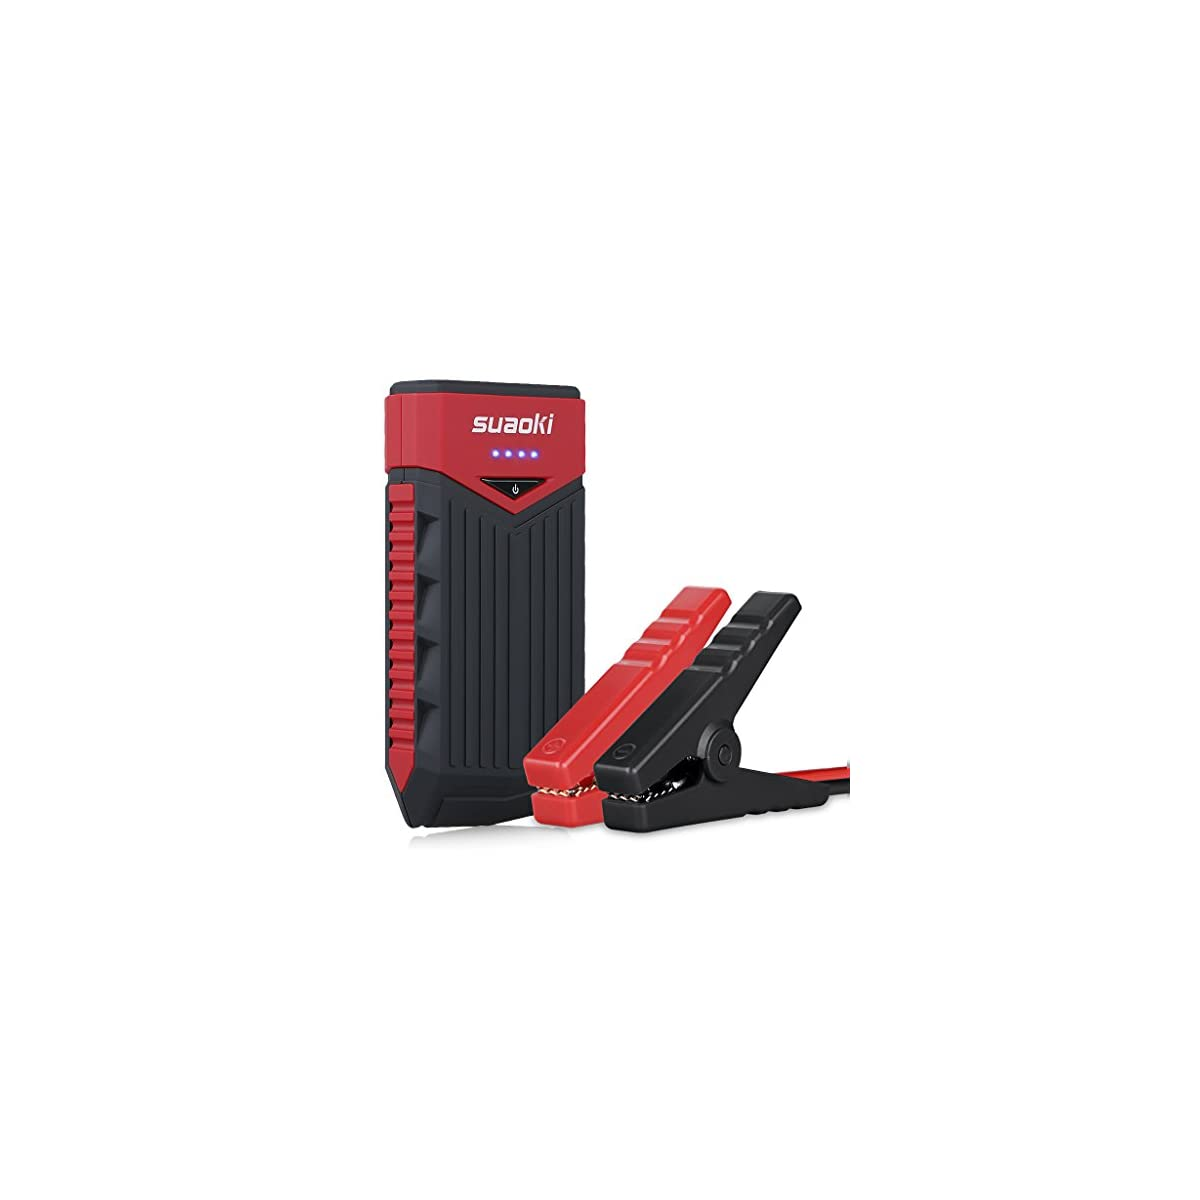 41baK8O671L. SS1200  - SUAOKI T10 - Arrancador de Coche 12000mAh, 400A Jump Starter Cargador de 12V Batería para Vehículo (Batería Externa, LED, Arranque Kit para Coche con Pinzas Inteligentes) Negro&Rojo